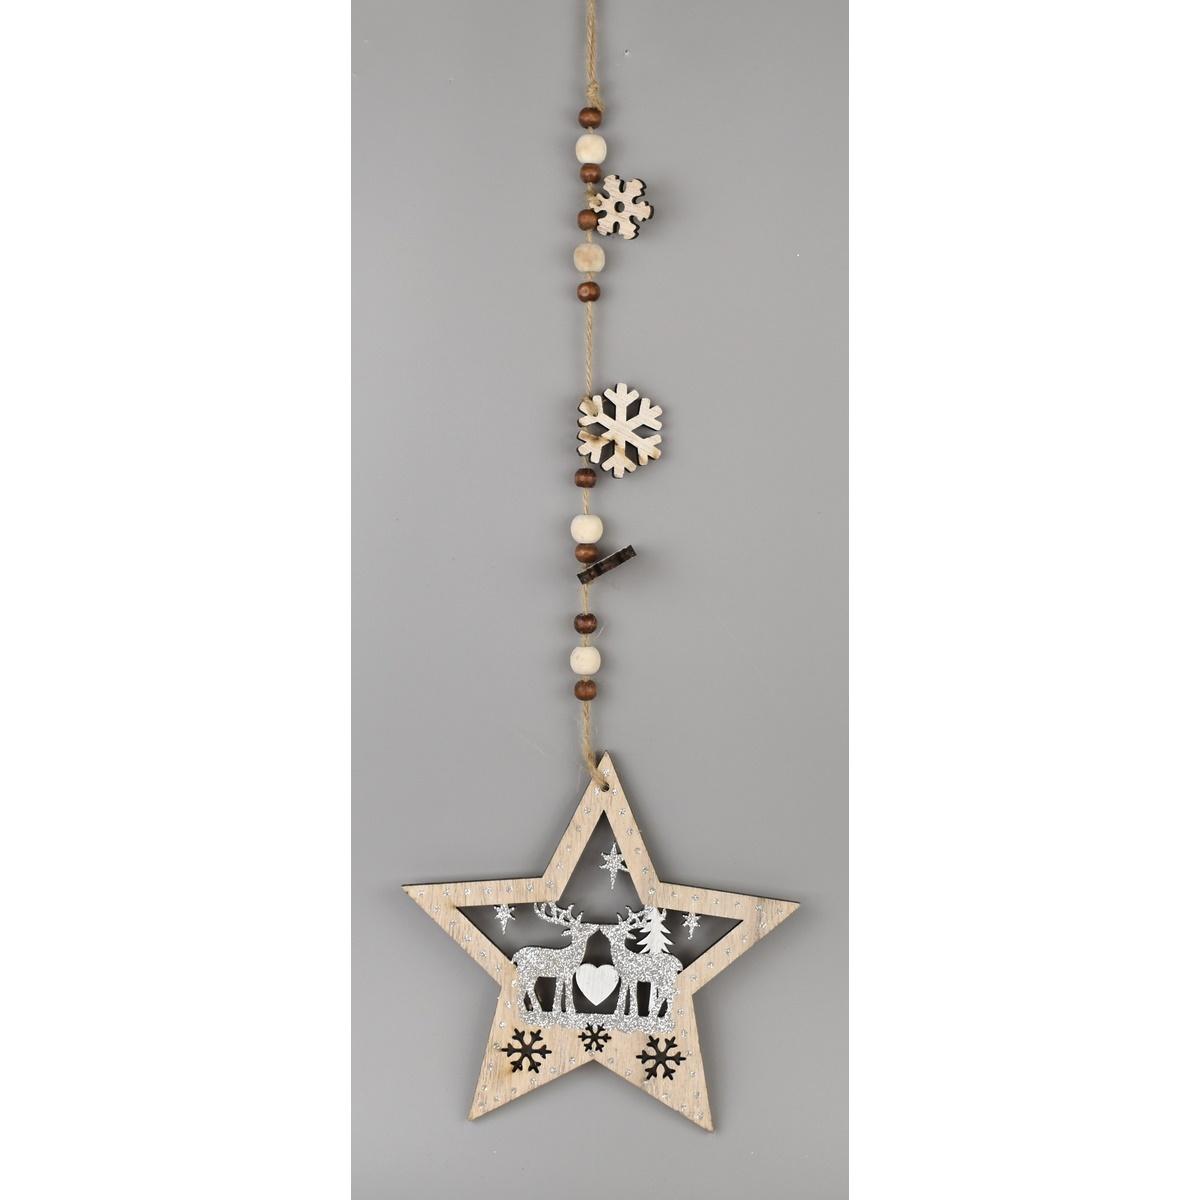 Vánoční závěsná dekorace Hvězda s jeleny, 52 cm